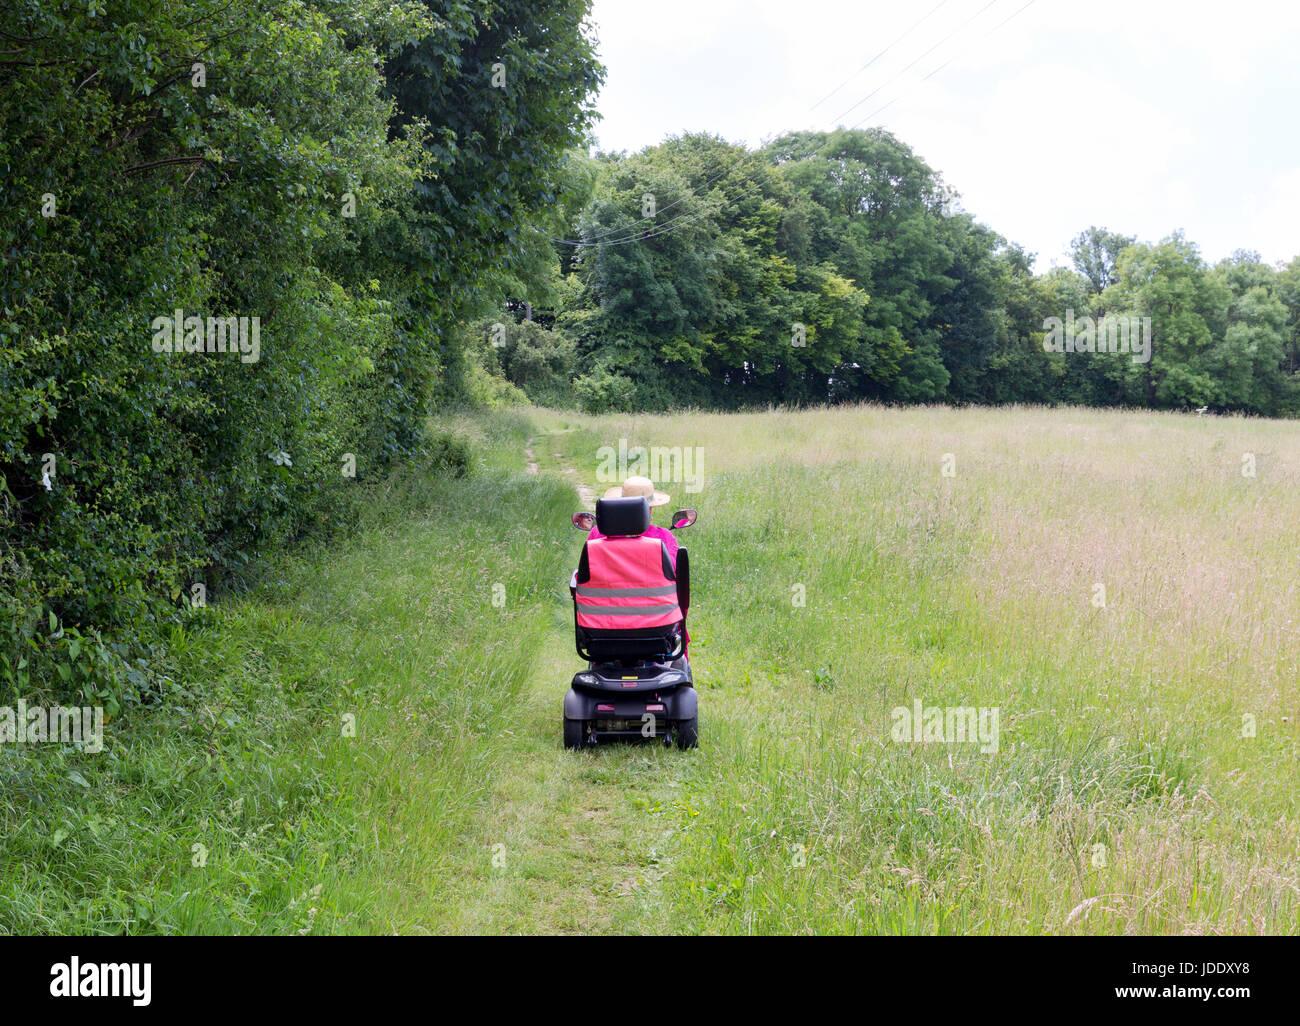 Eine Frau auf eine Mobilität Motorroller, behindertengerechter Zugang aufs Land, Kent, England UK Stockbild